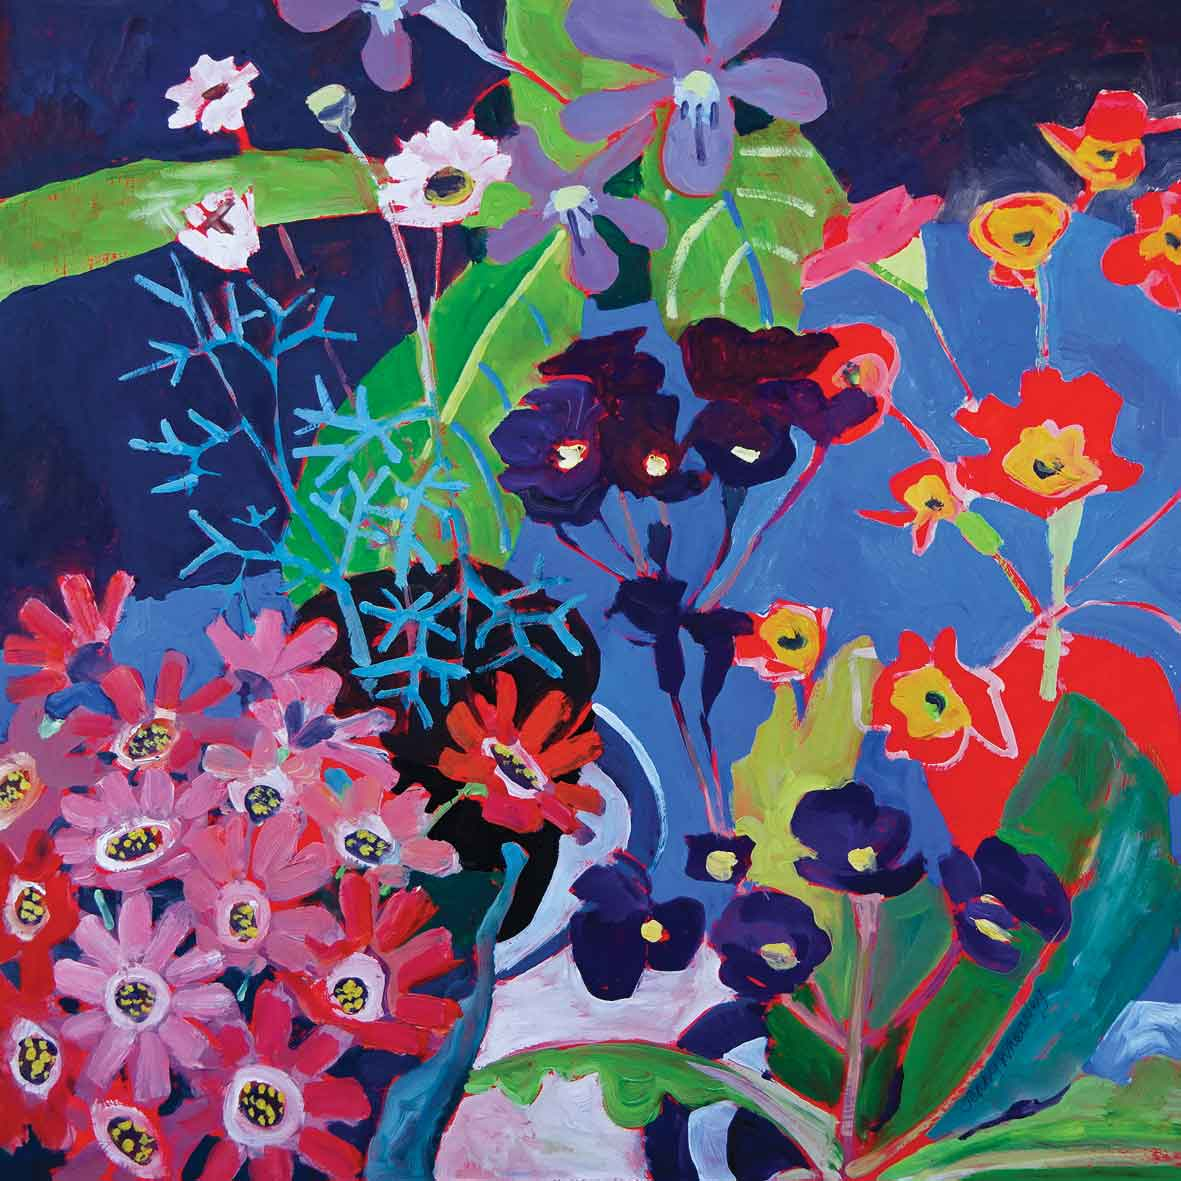 Jw016 Seaside Flowers By Jenny Wheatley